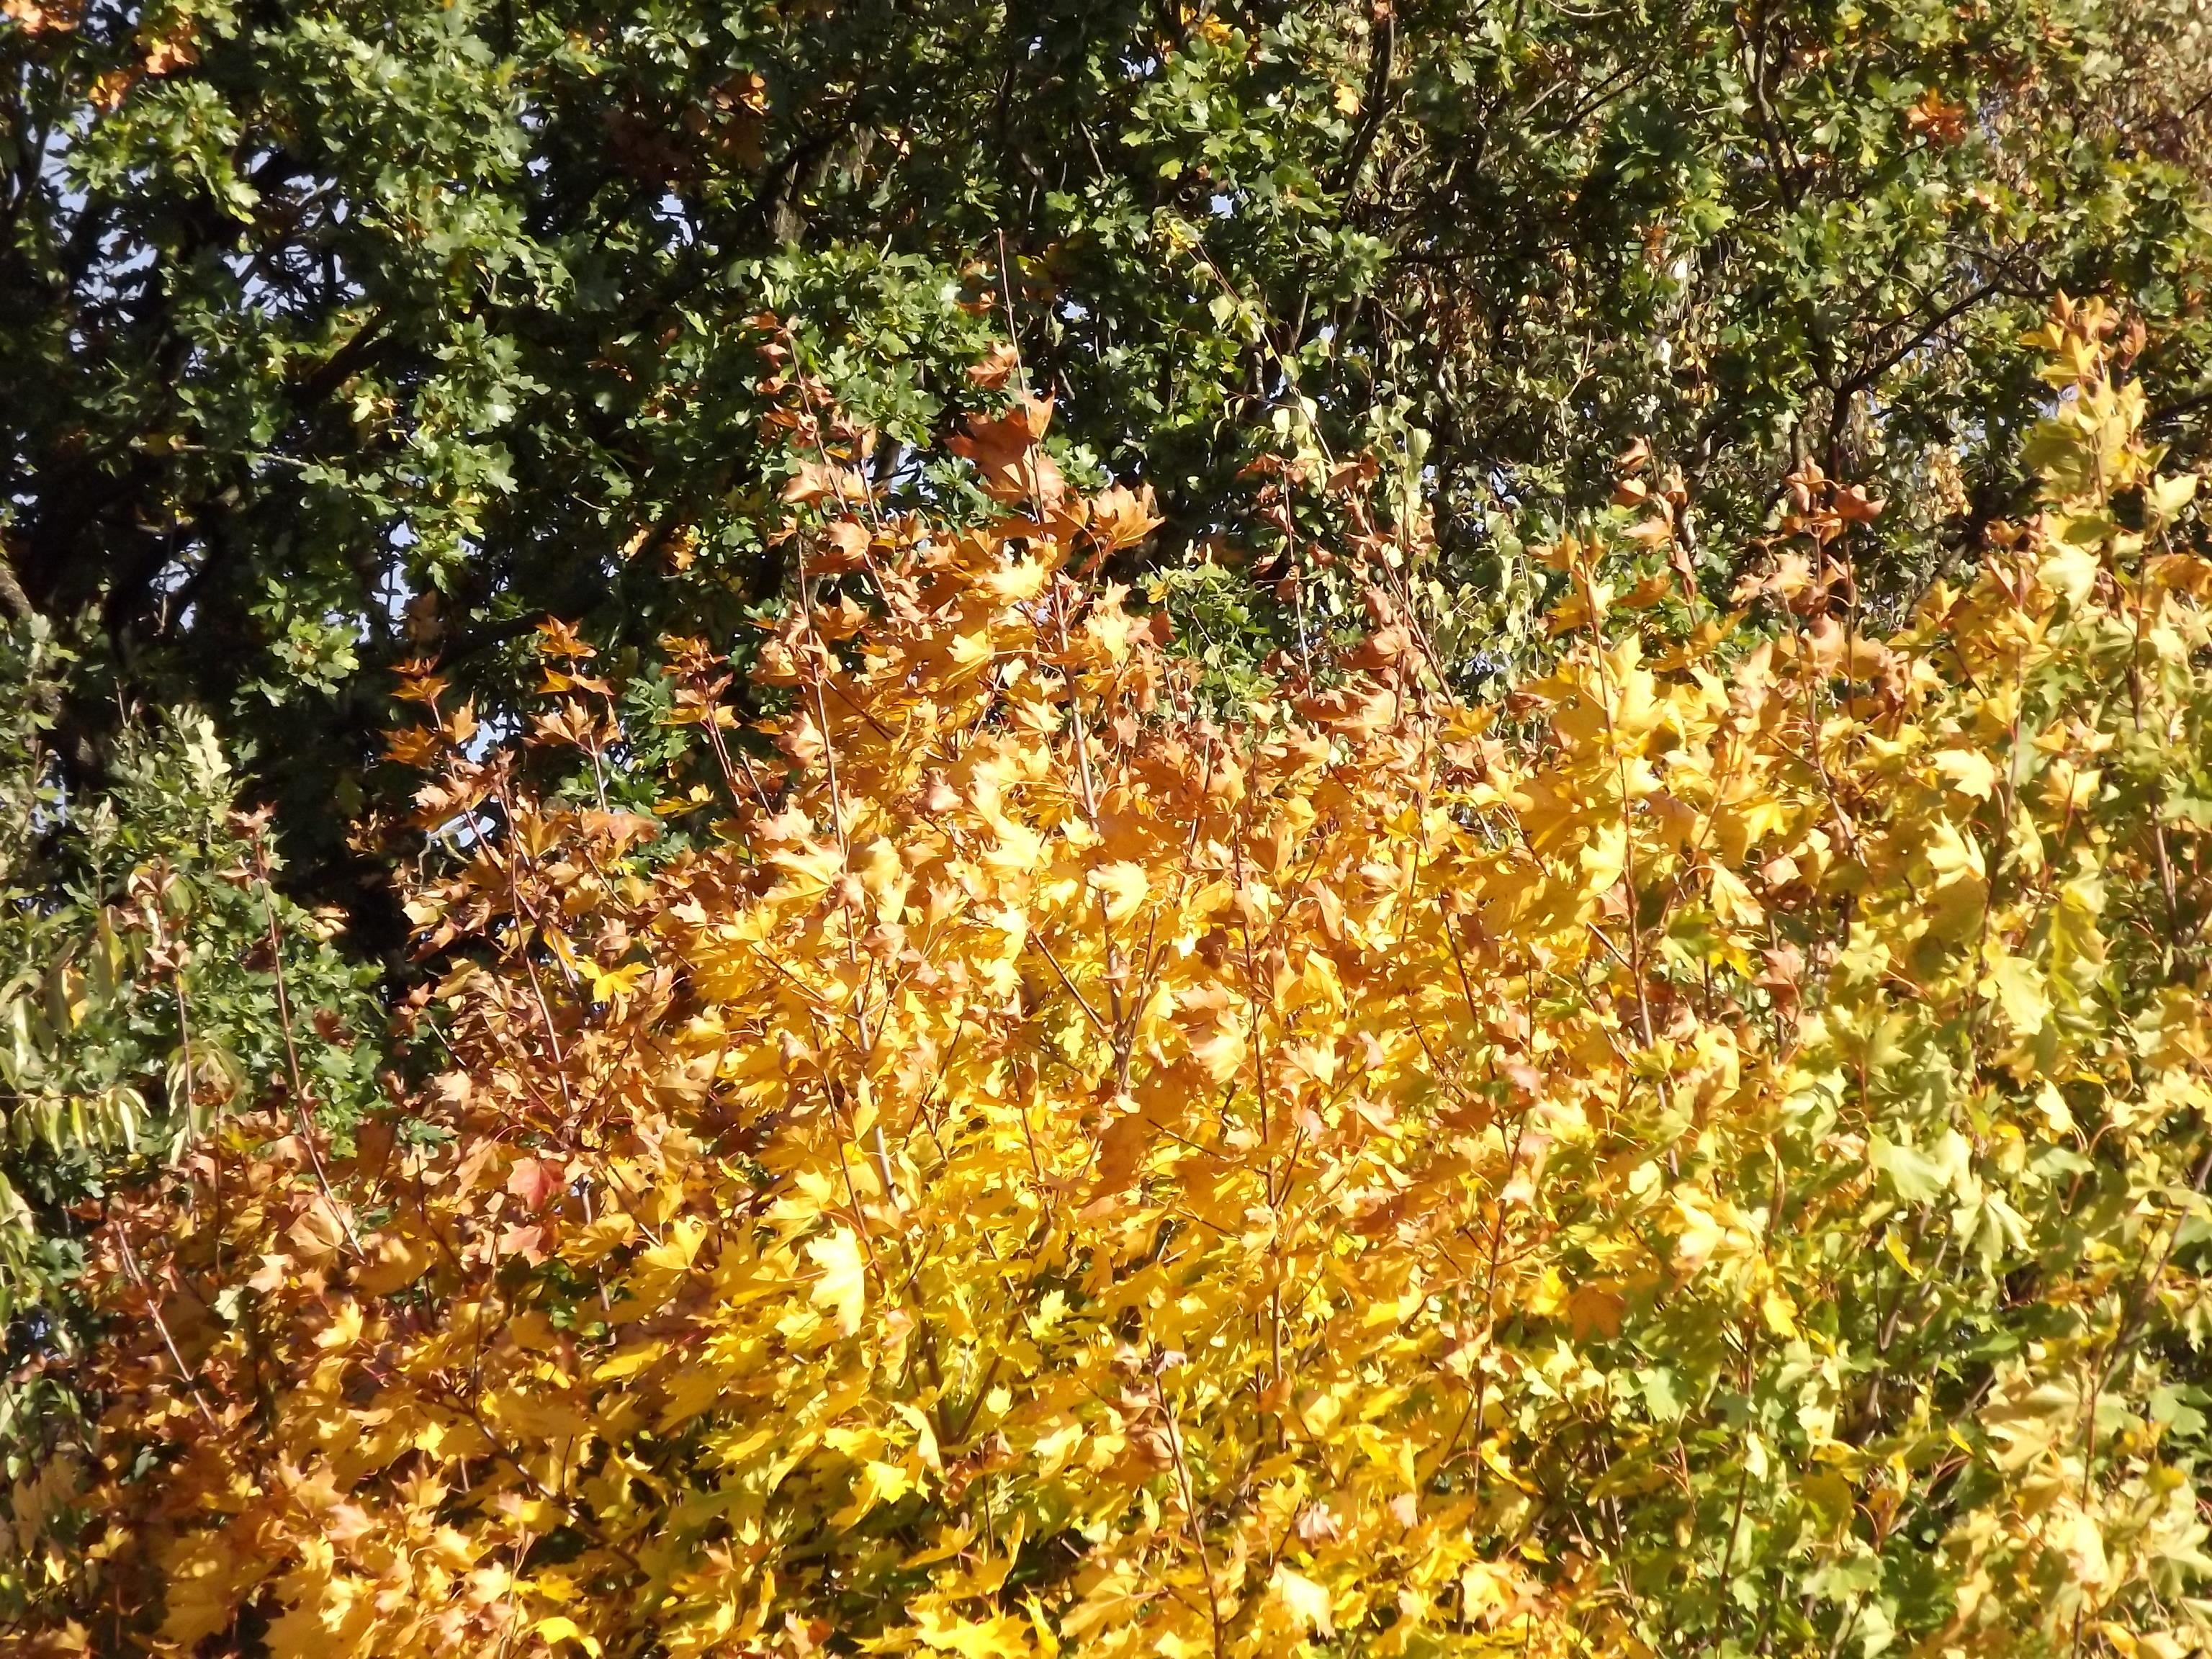 7984-laub-an-baeumen-straeuchern-rot-gelb-gruen